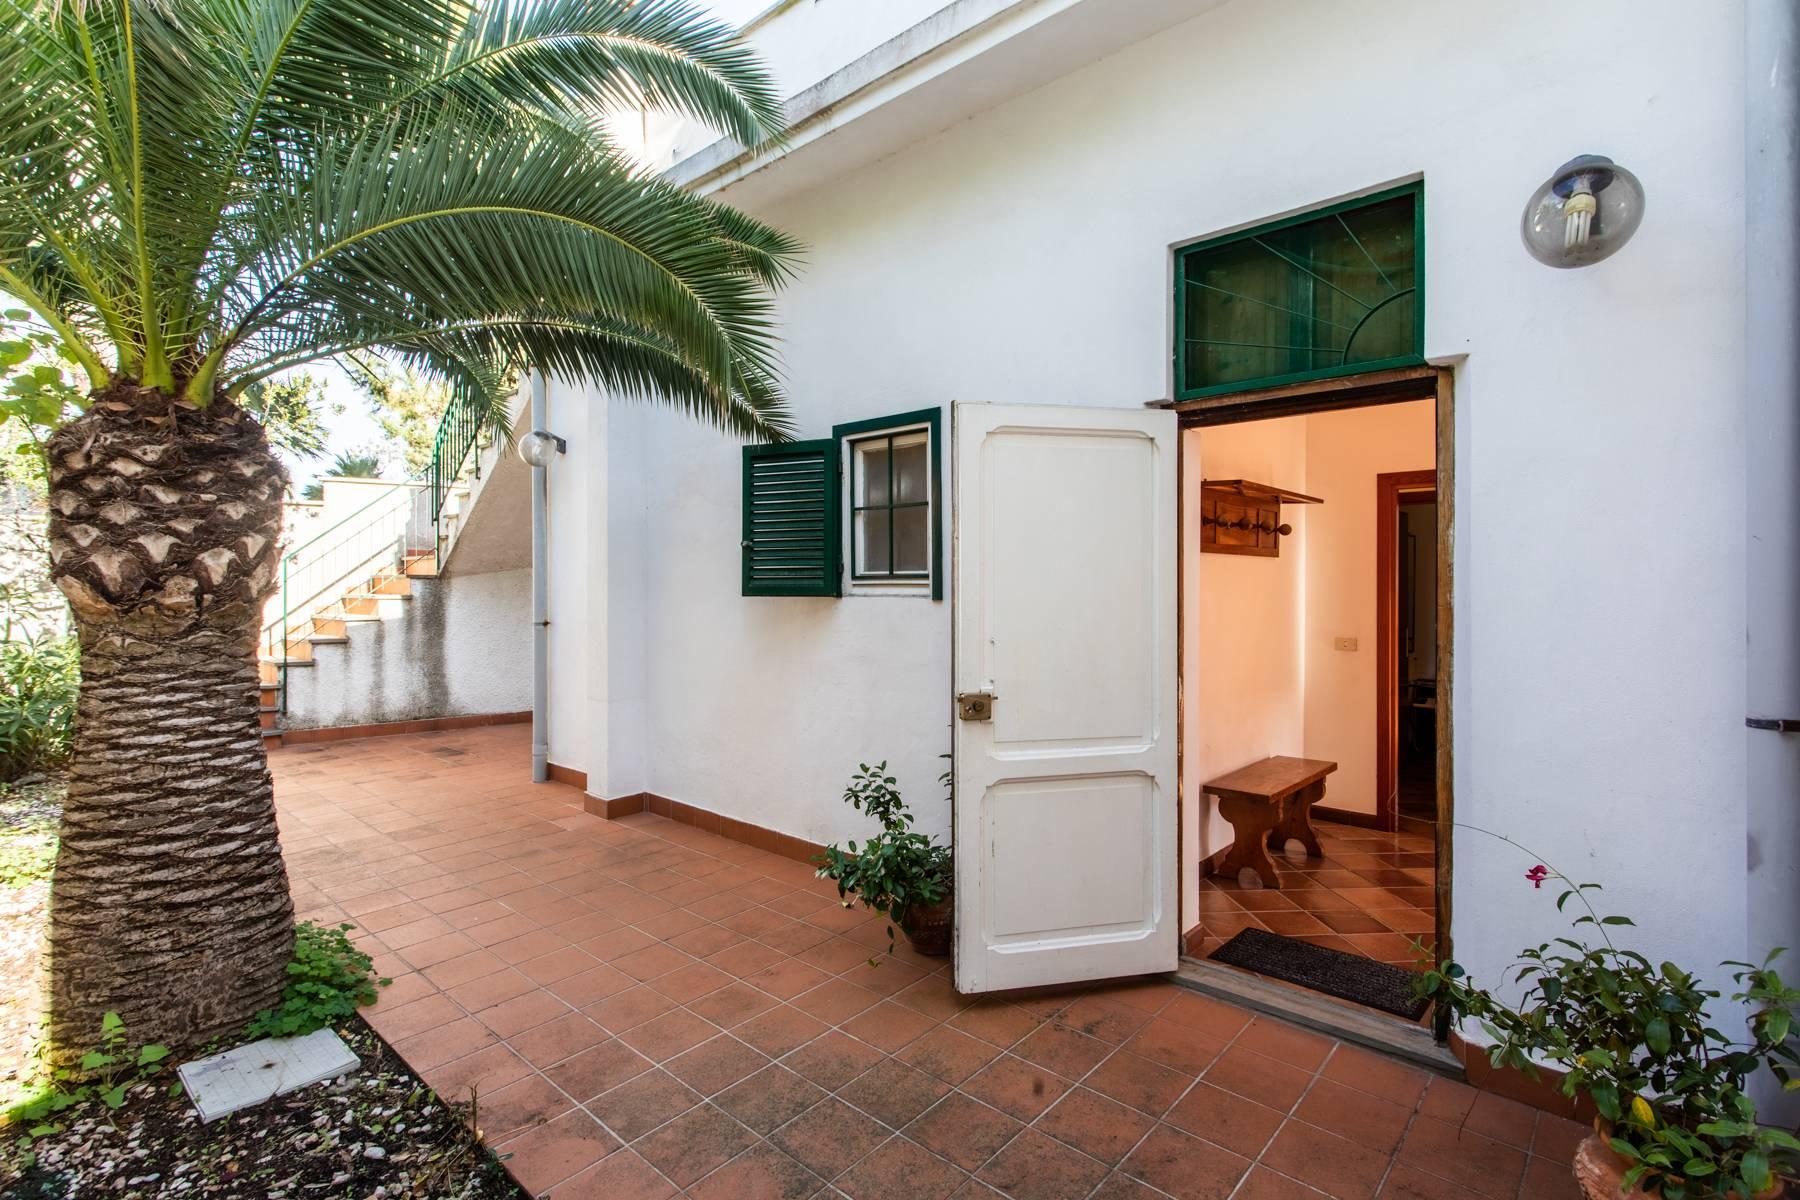 Villa in Vendita a Monte Argentario: 5 locali, 140 mq - Foto 30